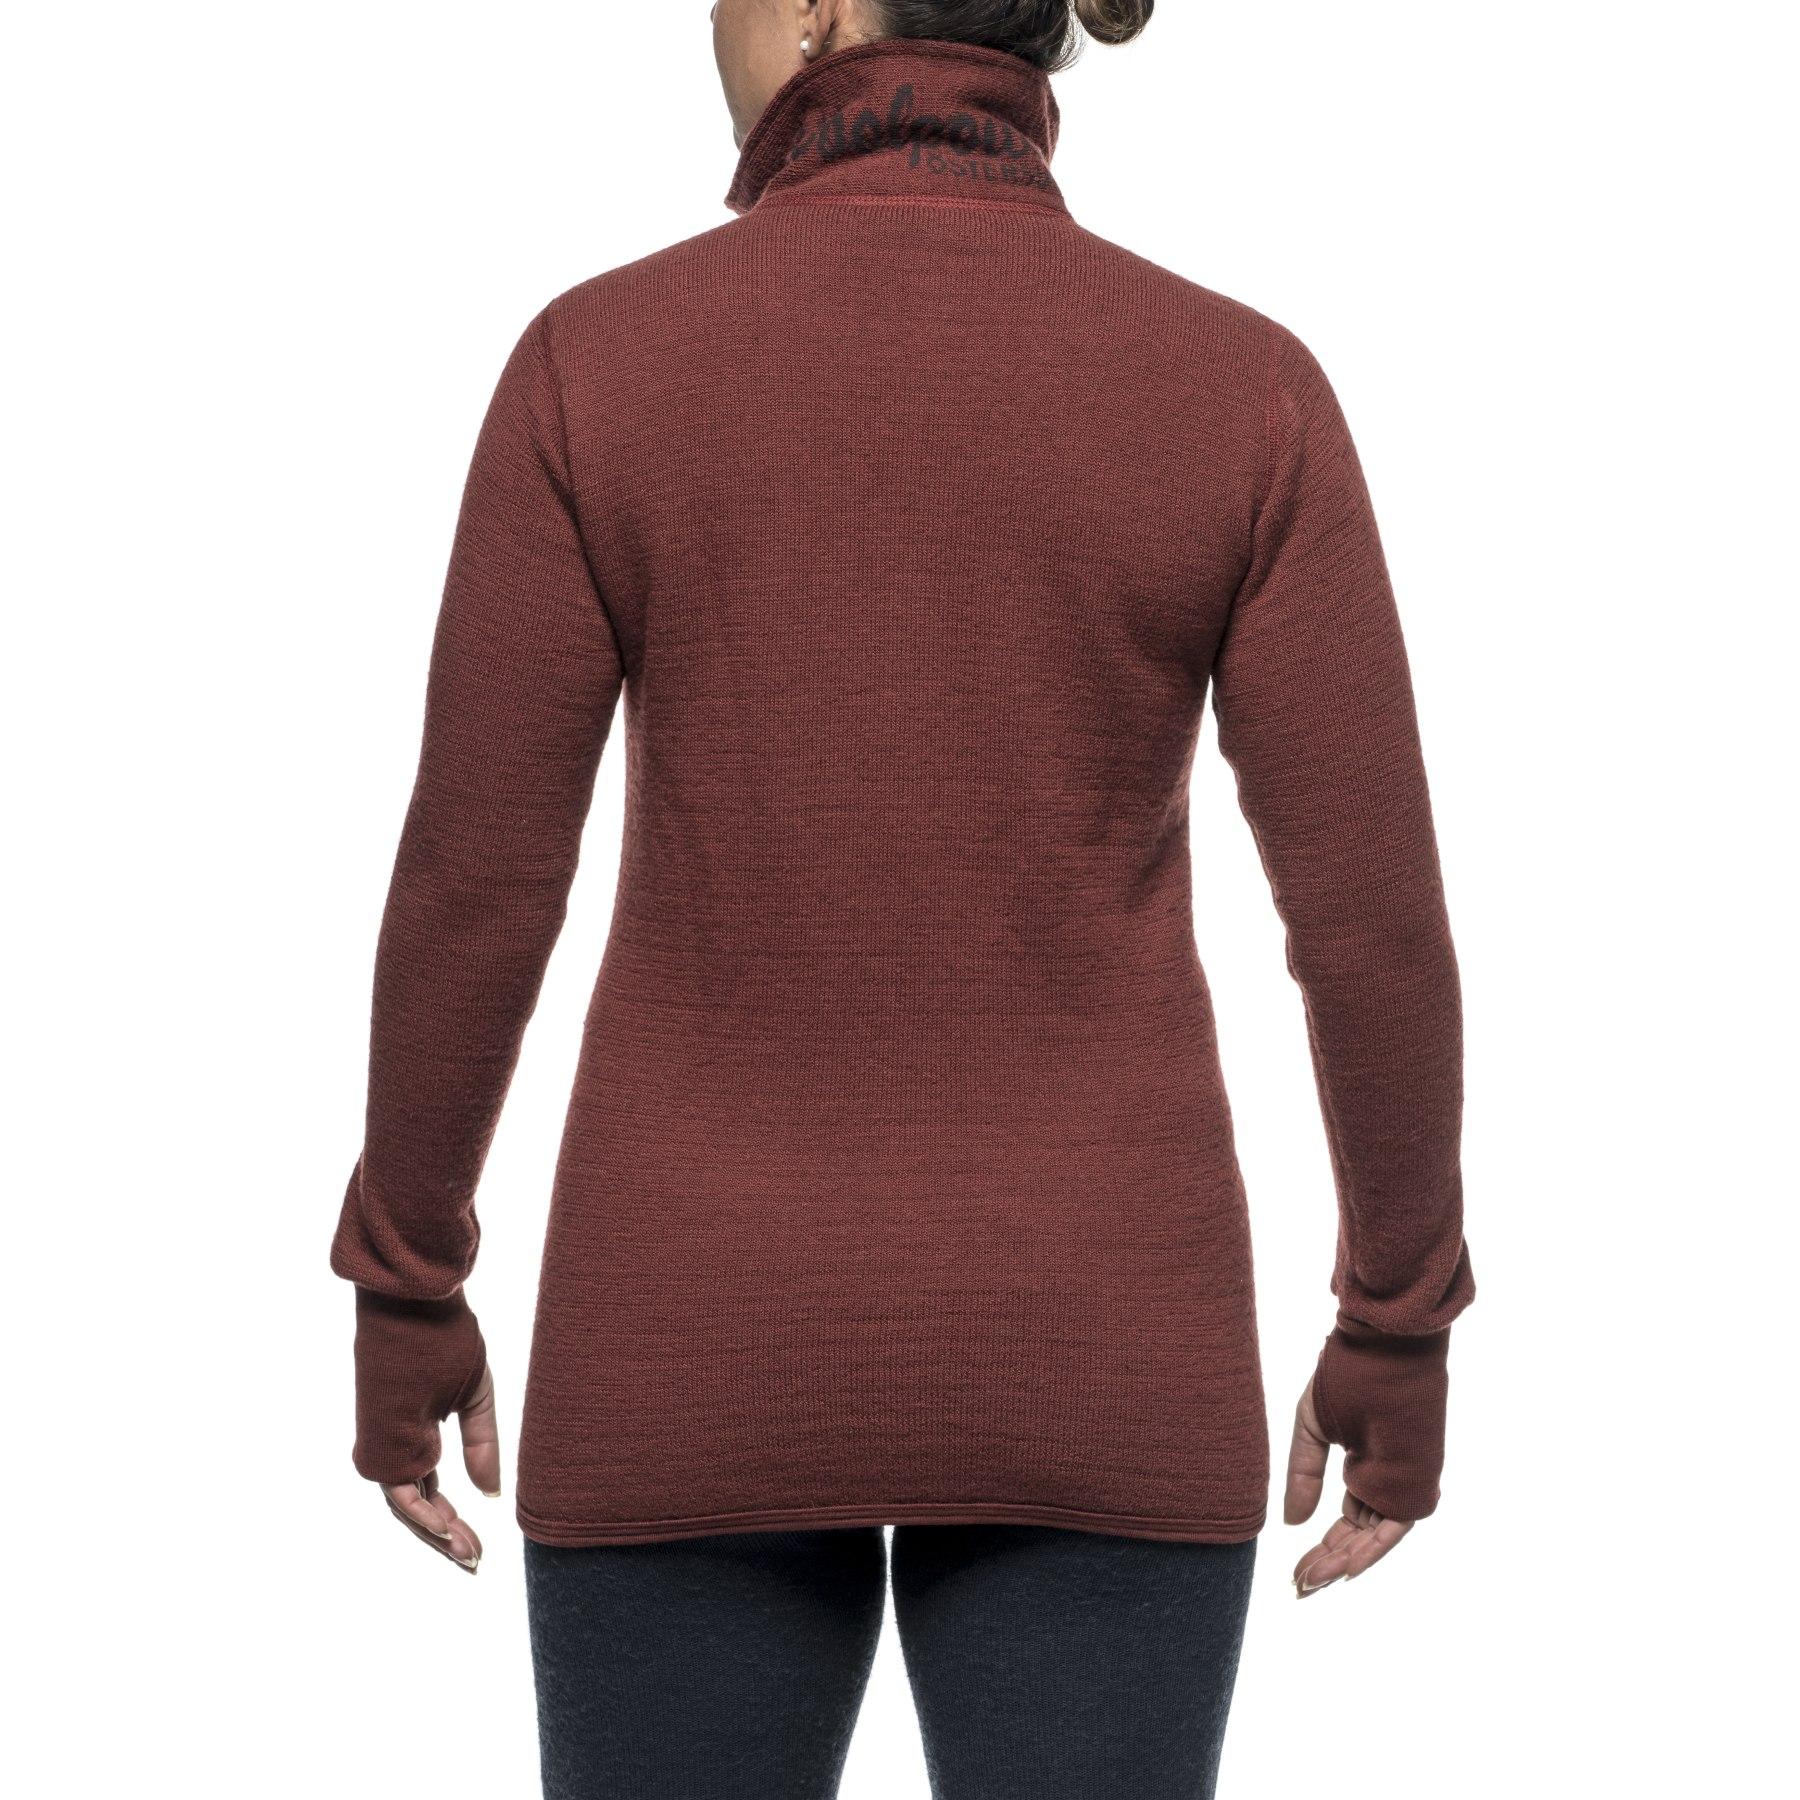 Bild von Woolpower Full Zip Thermo-Jacke 400 - rust red